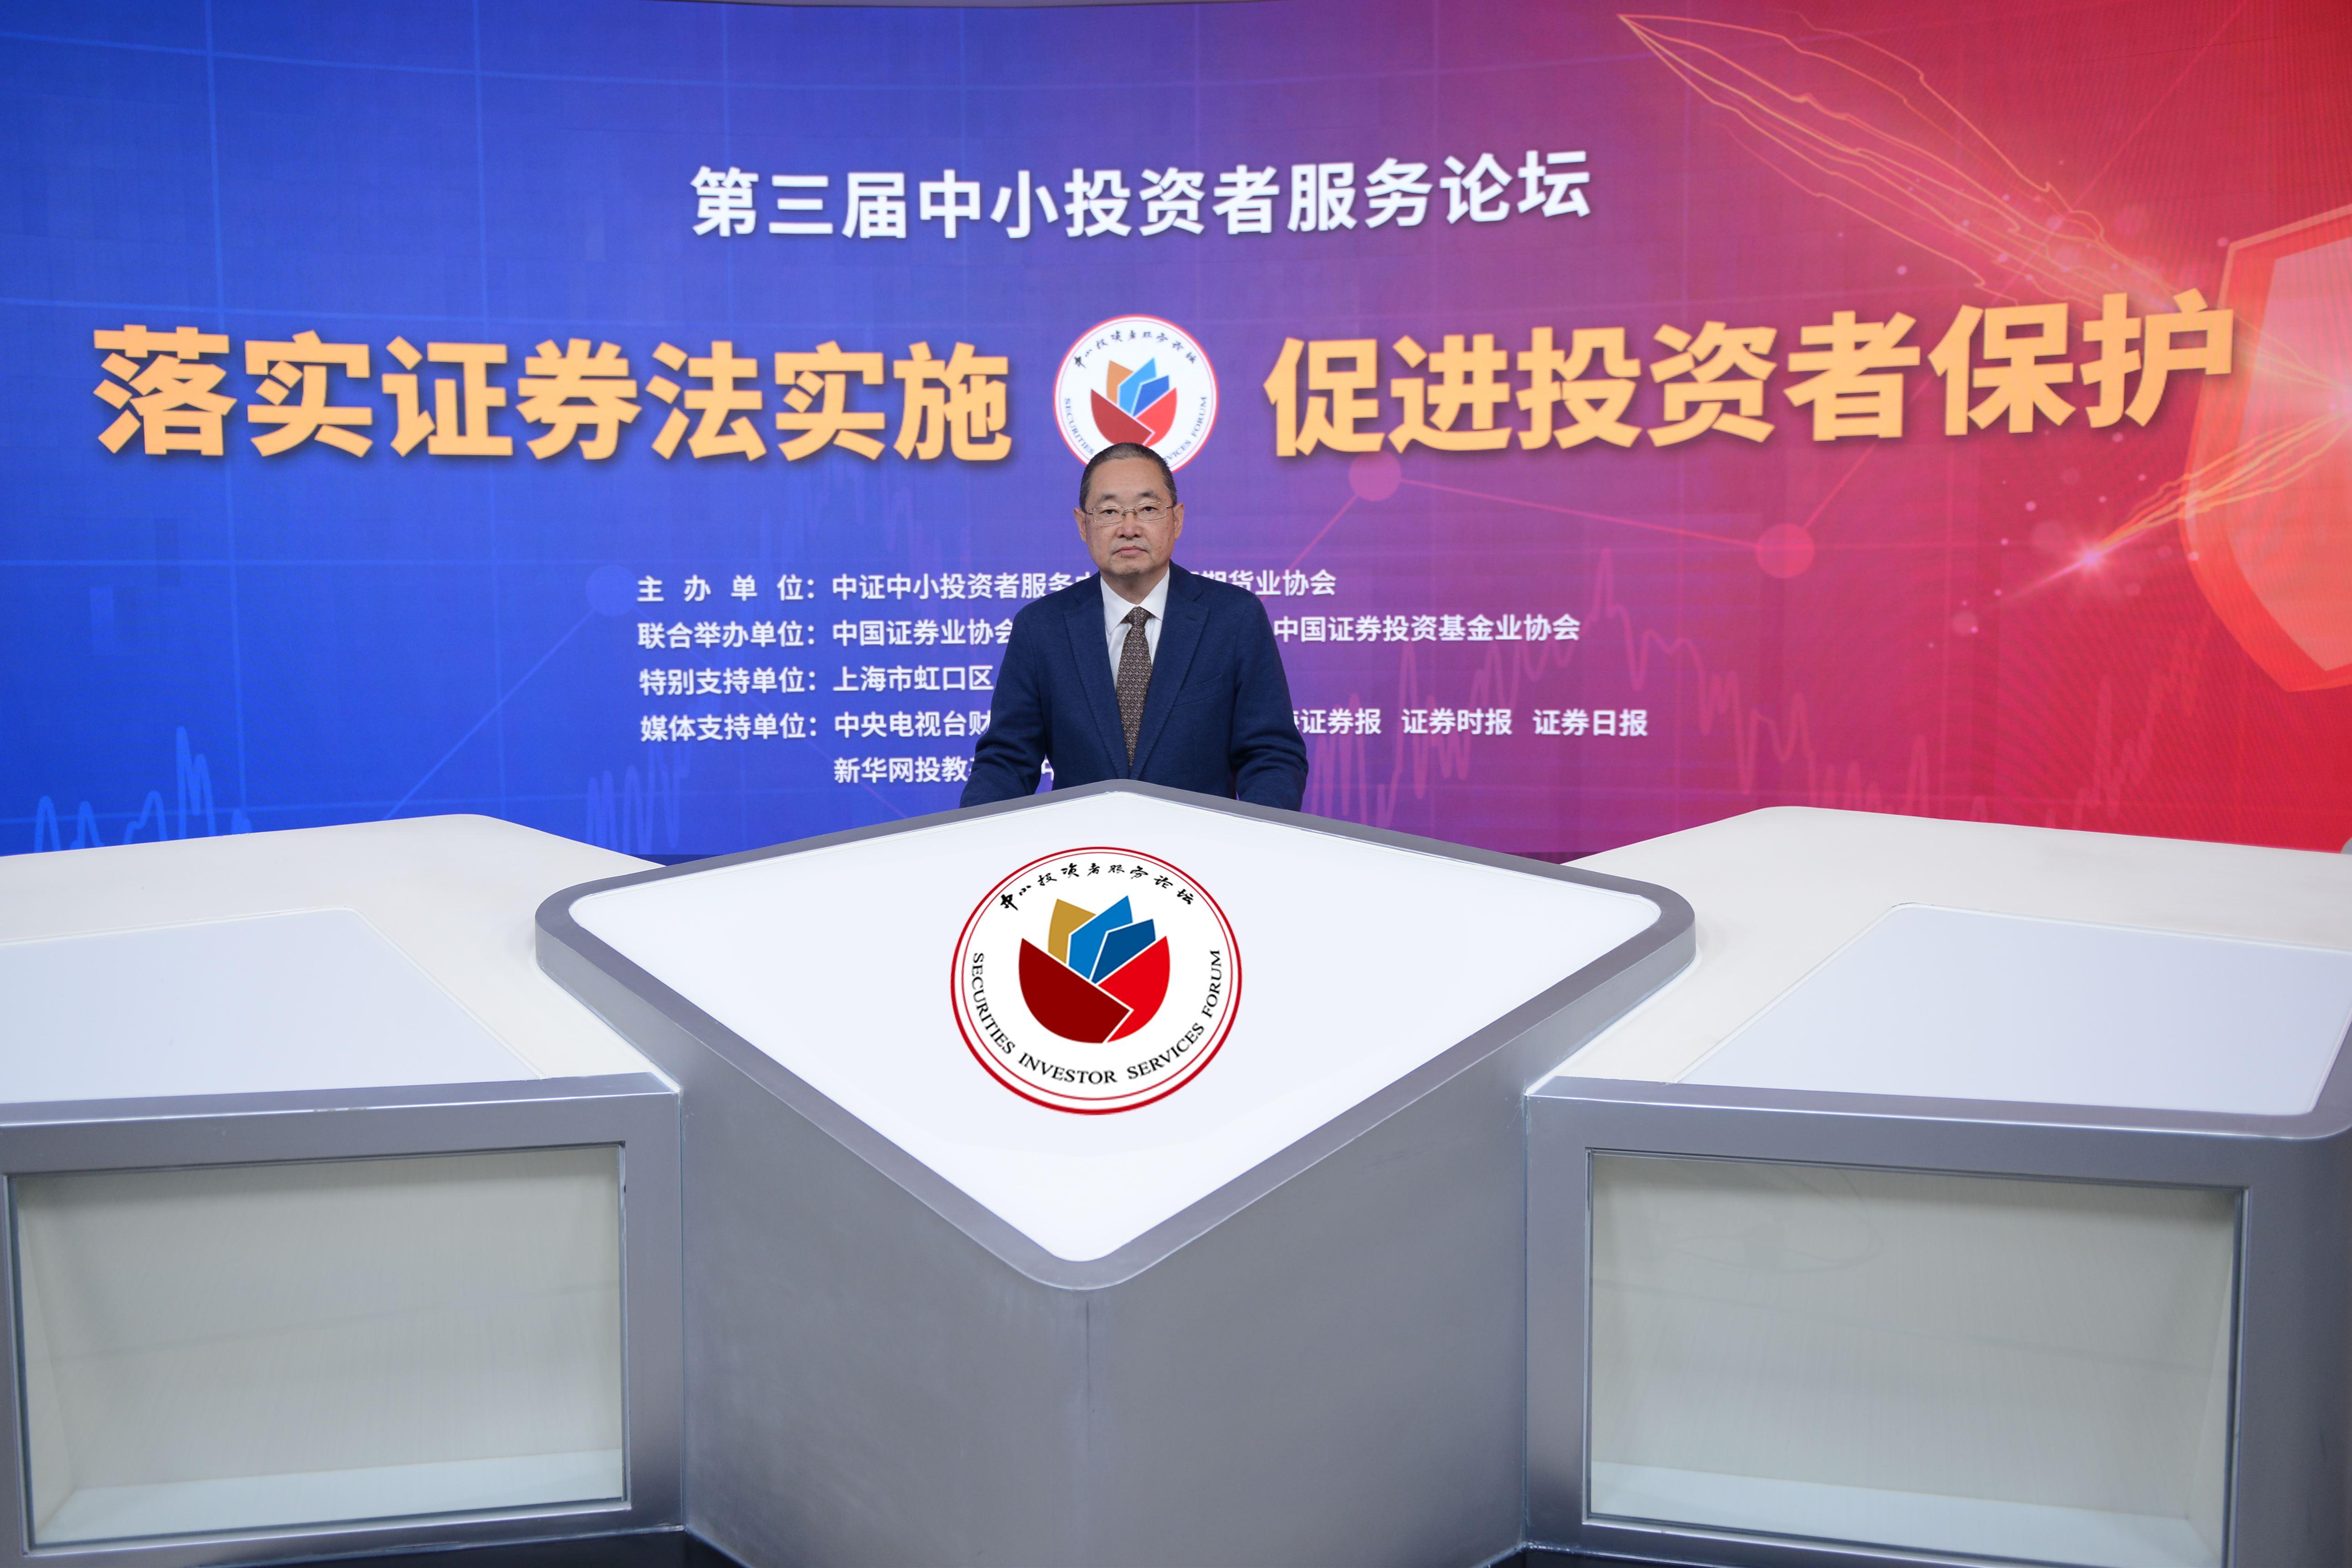 中国证券投资基金业协会副会长胡家夫在第三届中小投资者服务论坛上的发言